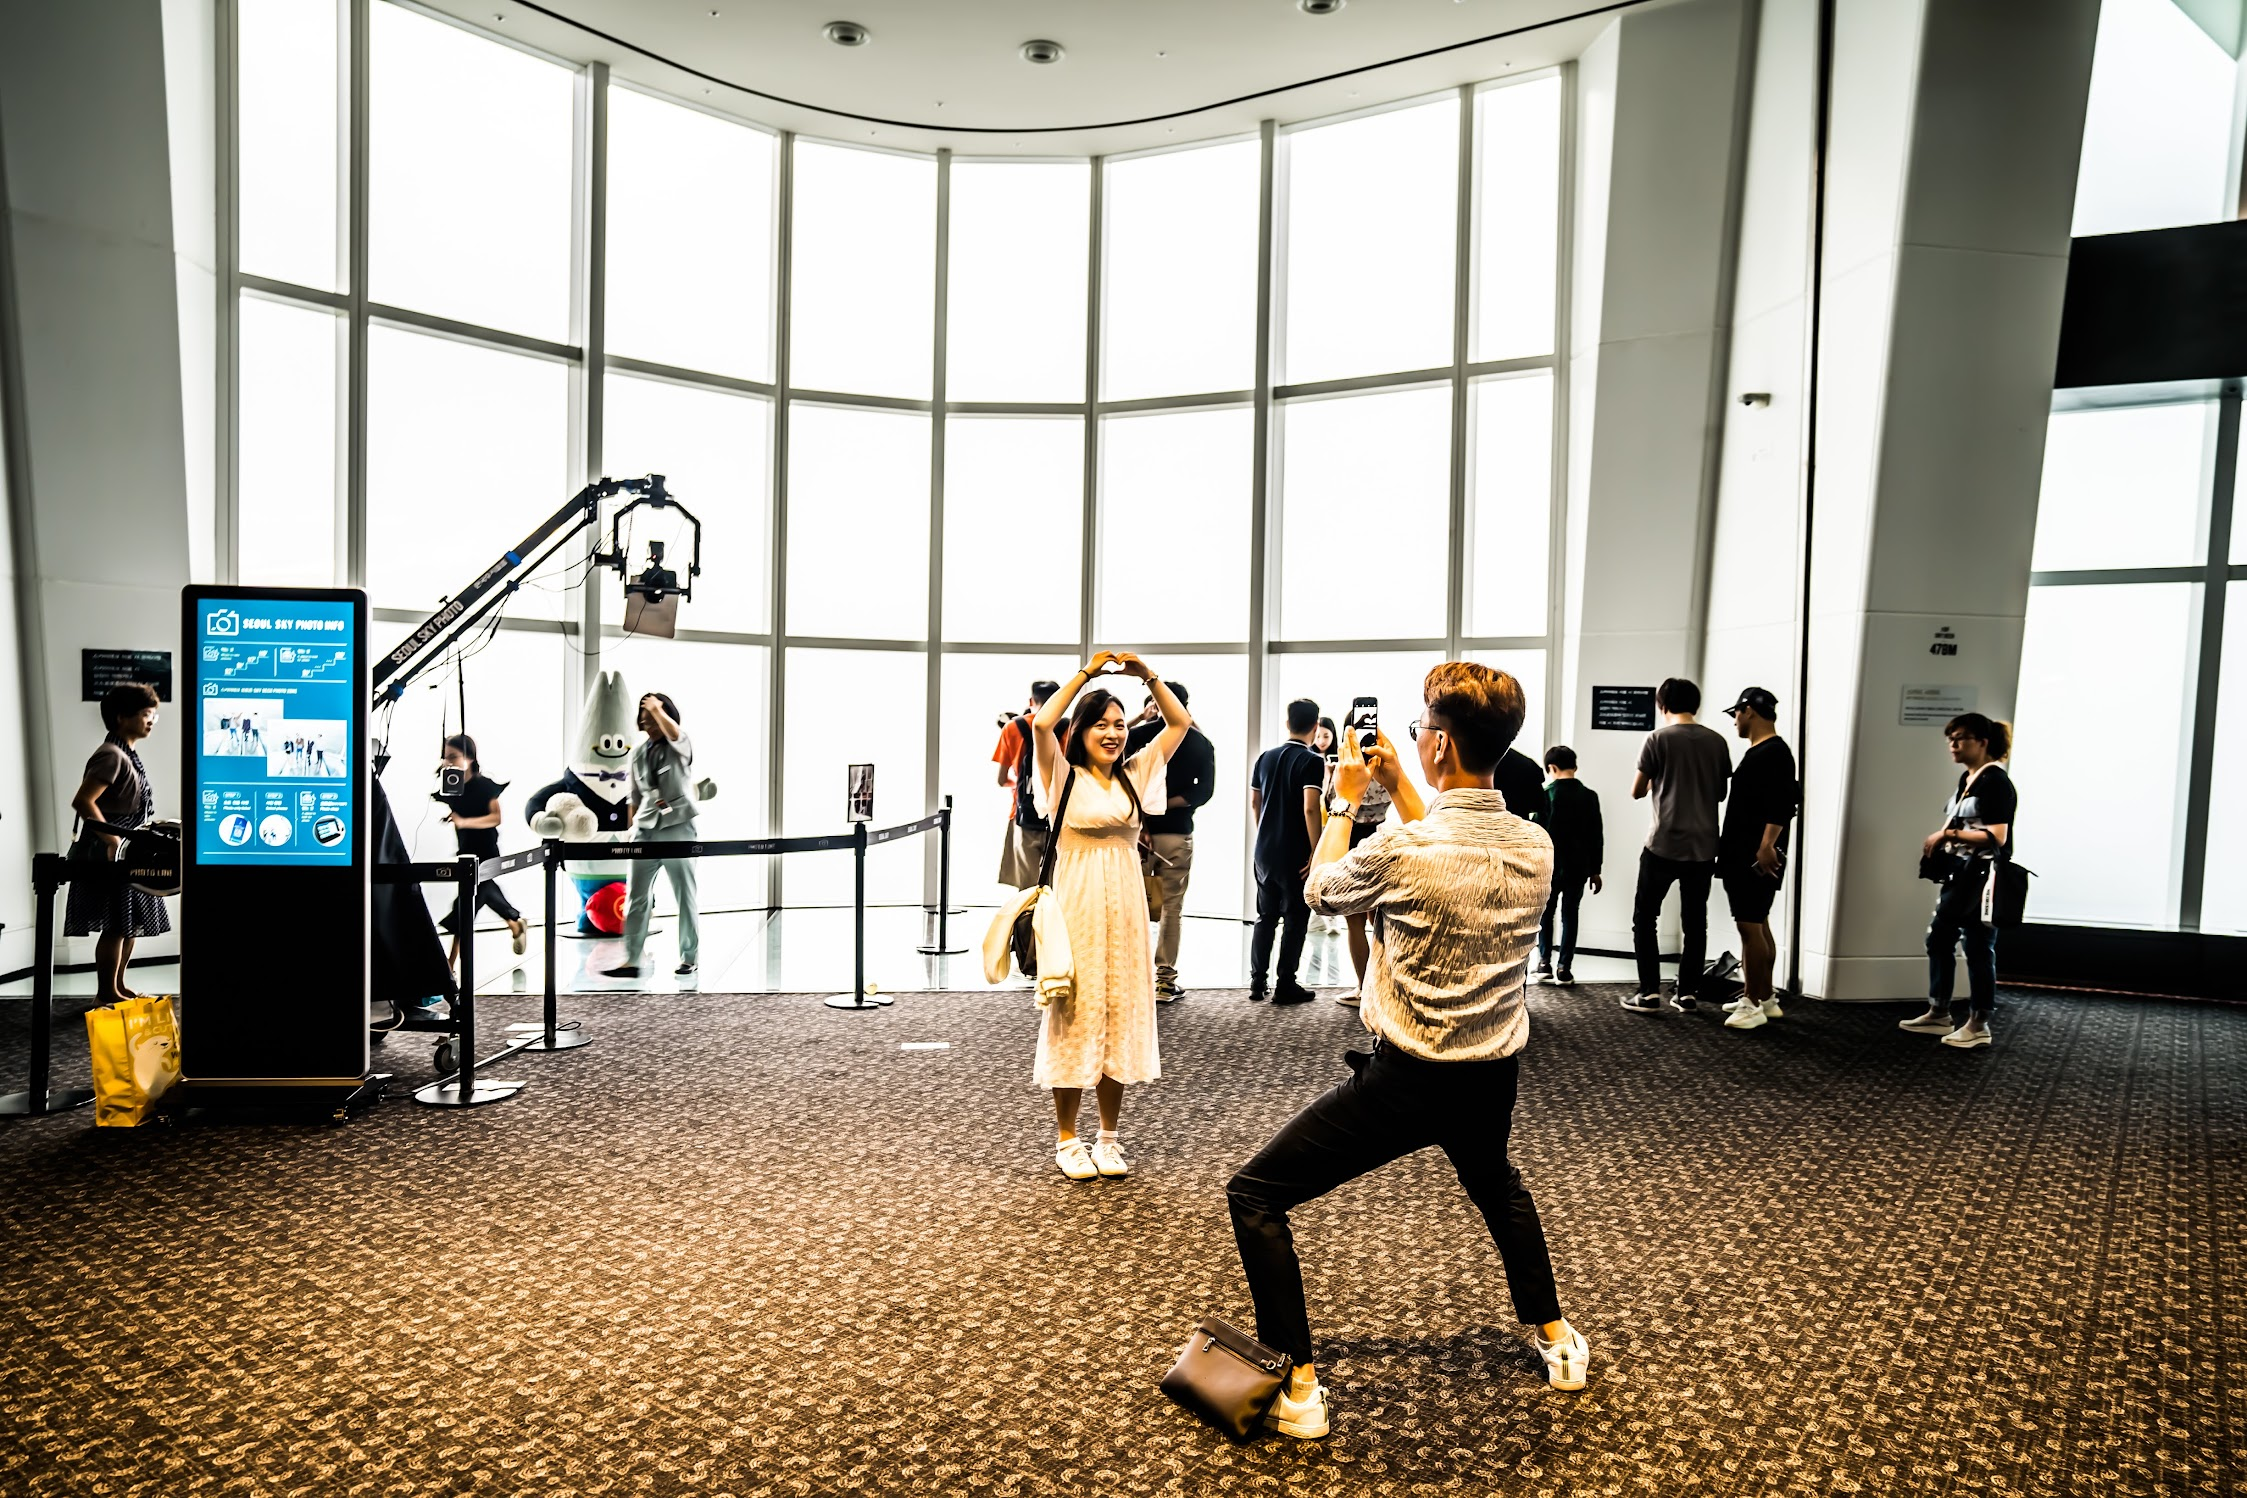 Lotte World Tower Observation Deck3